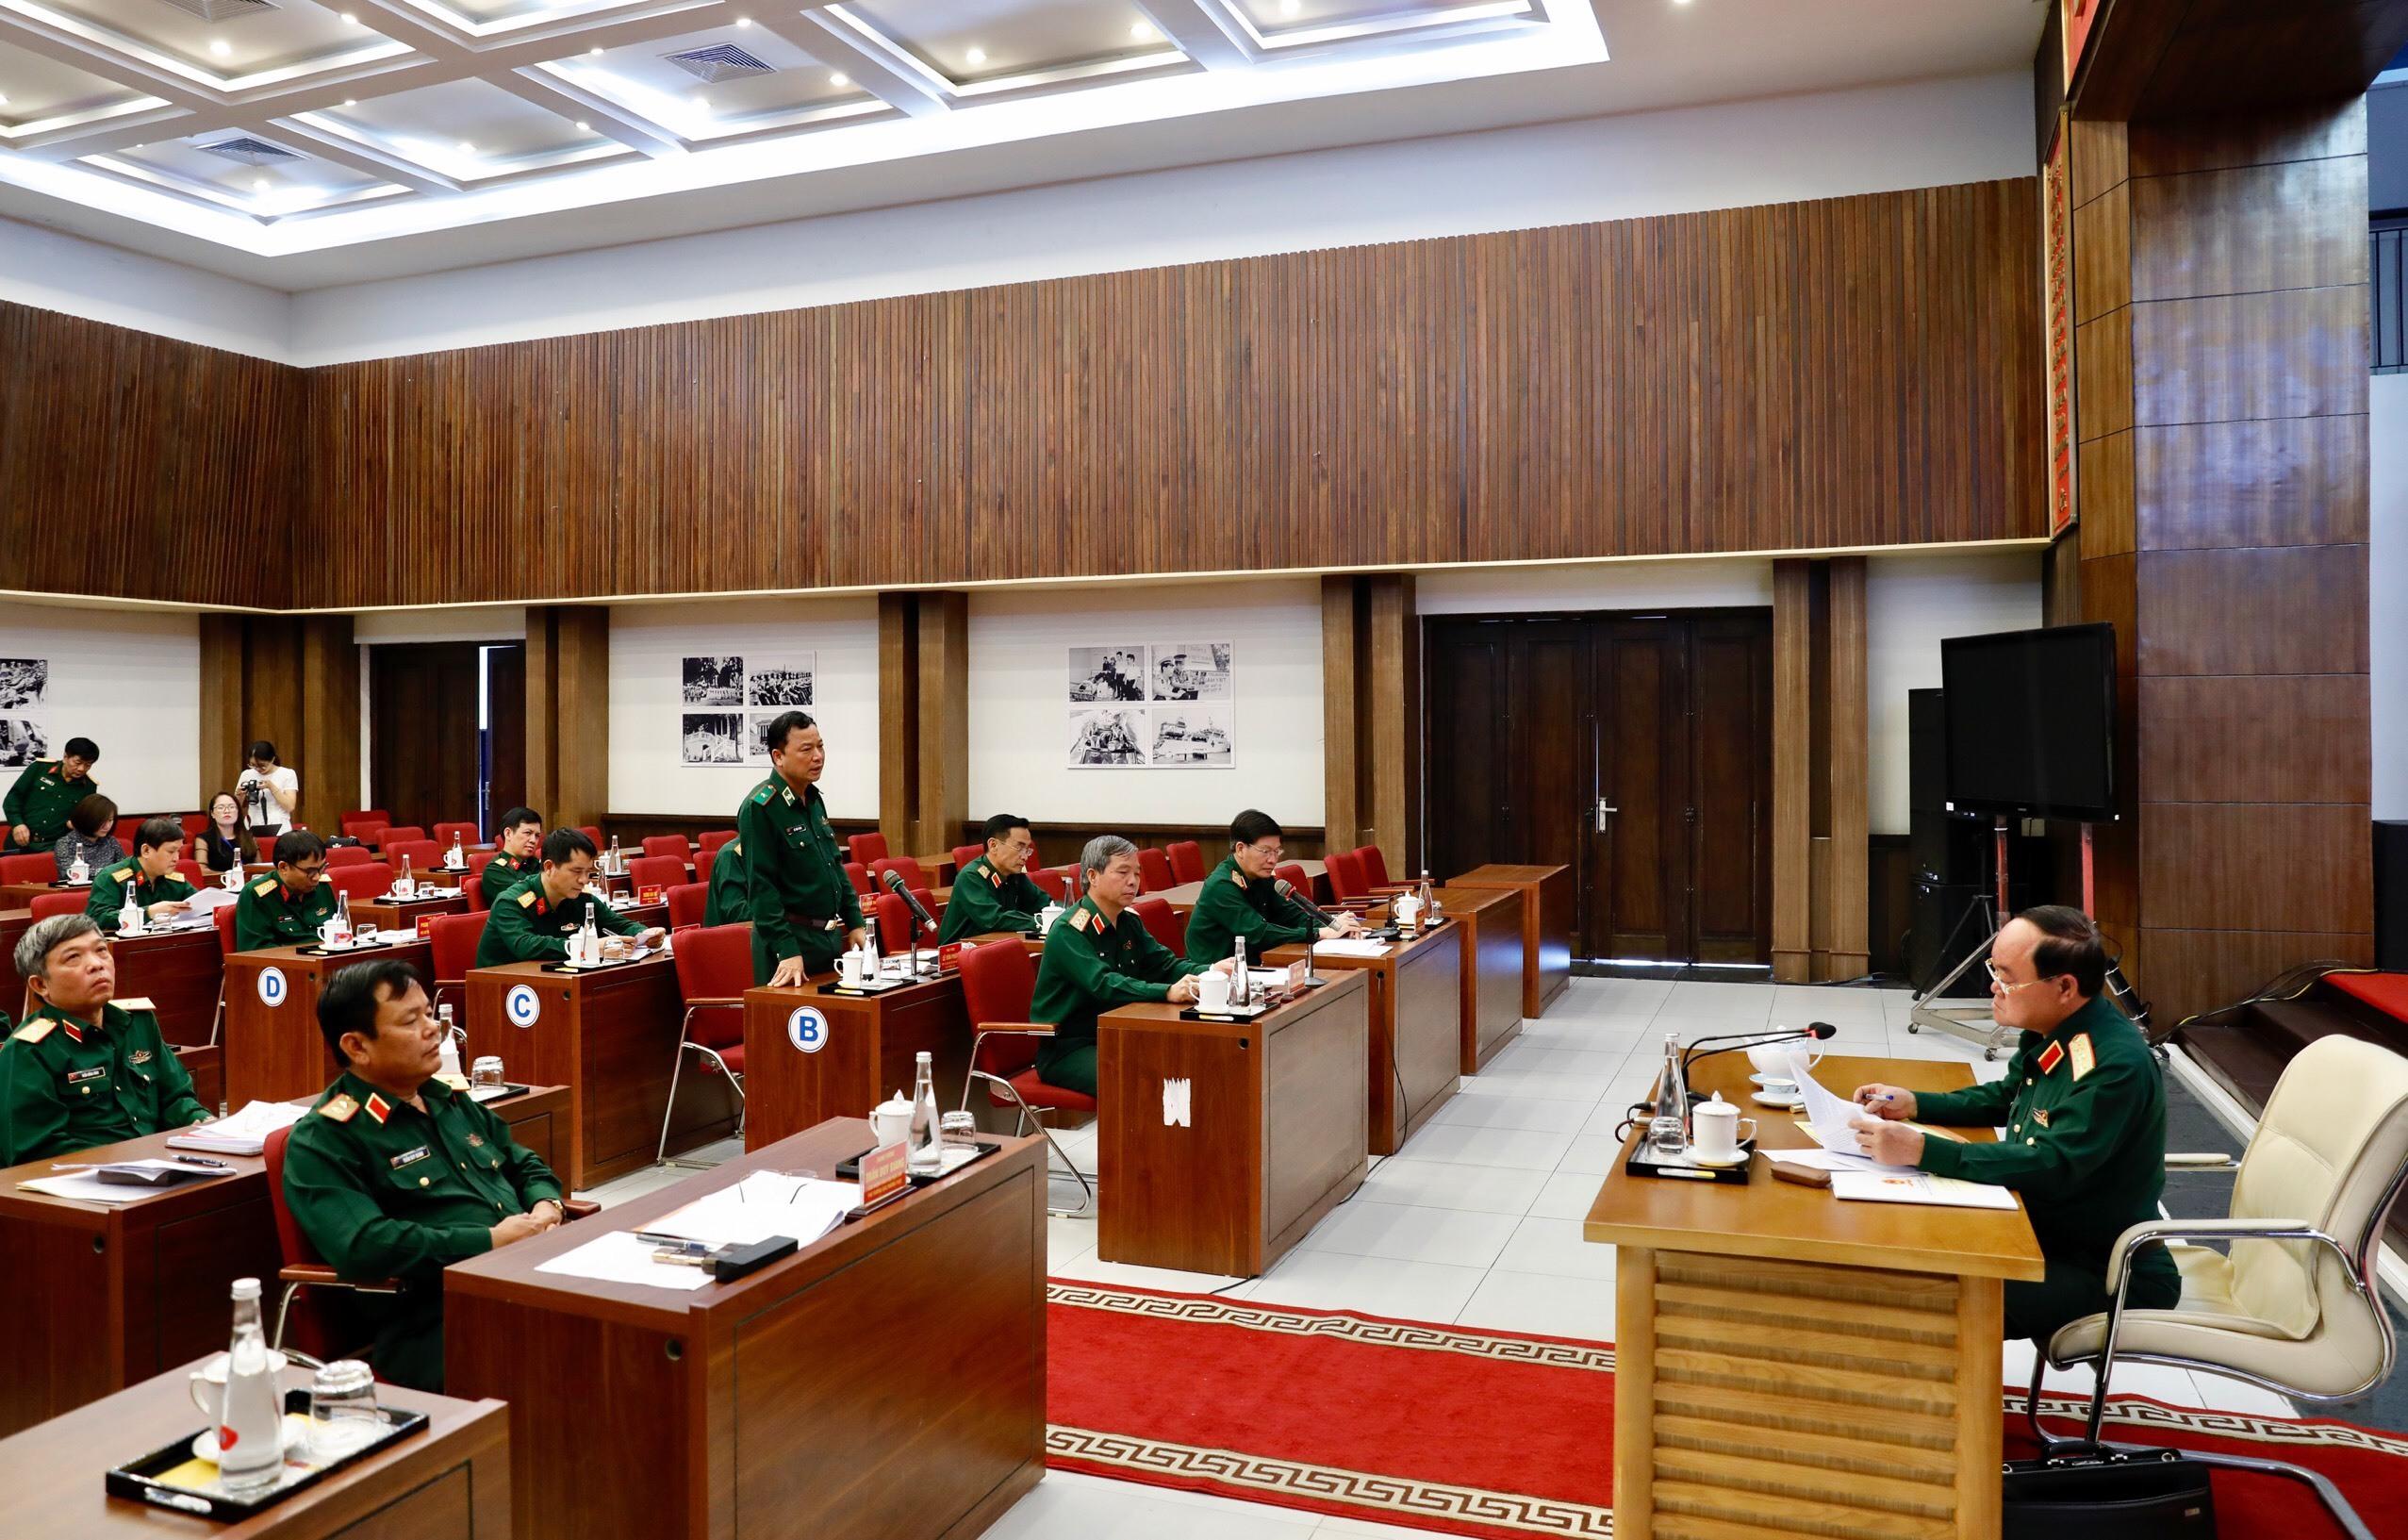 Bộ Quốc phòng diễn tập phòng chống Covid-19 bảo vệ Đại hội Đảng